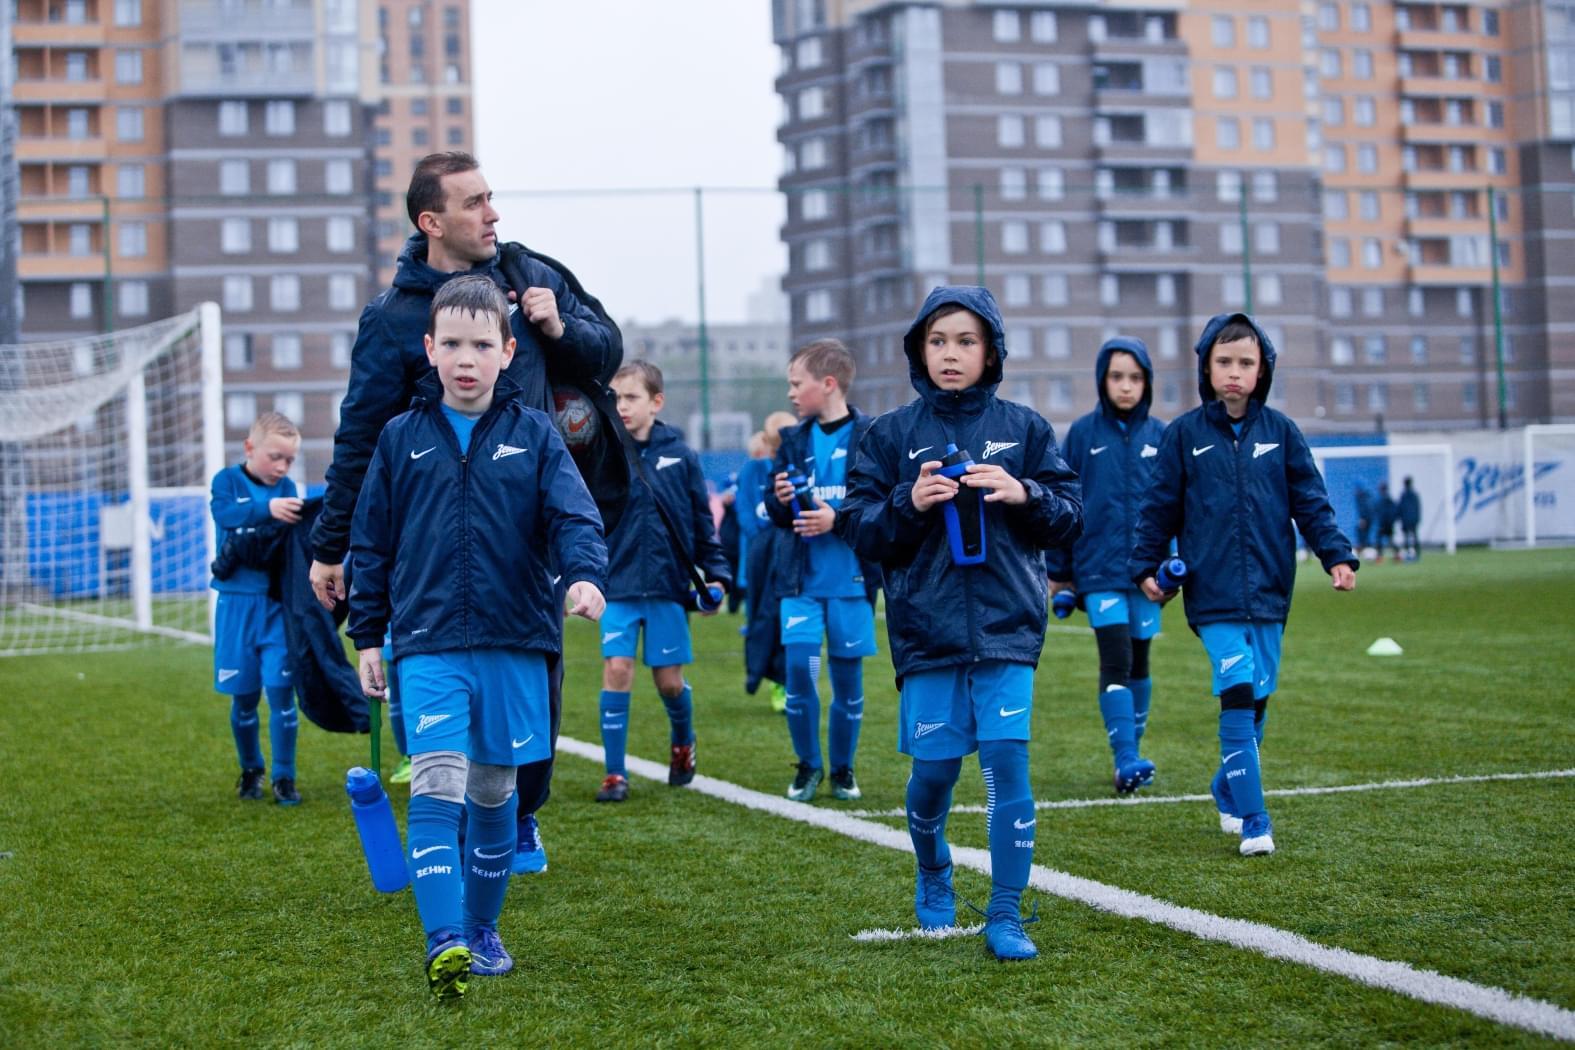 всего, как проходит отбор в футбольную академию зенит приступим